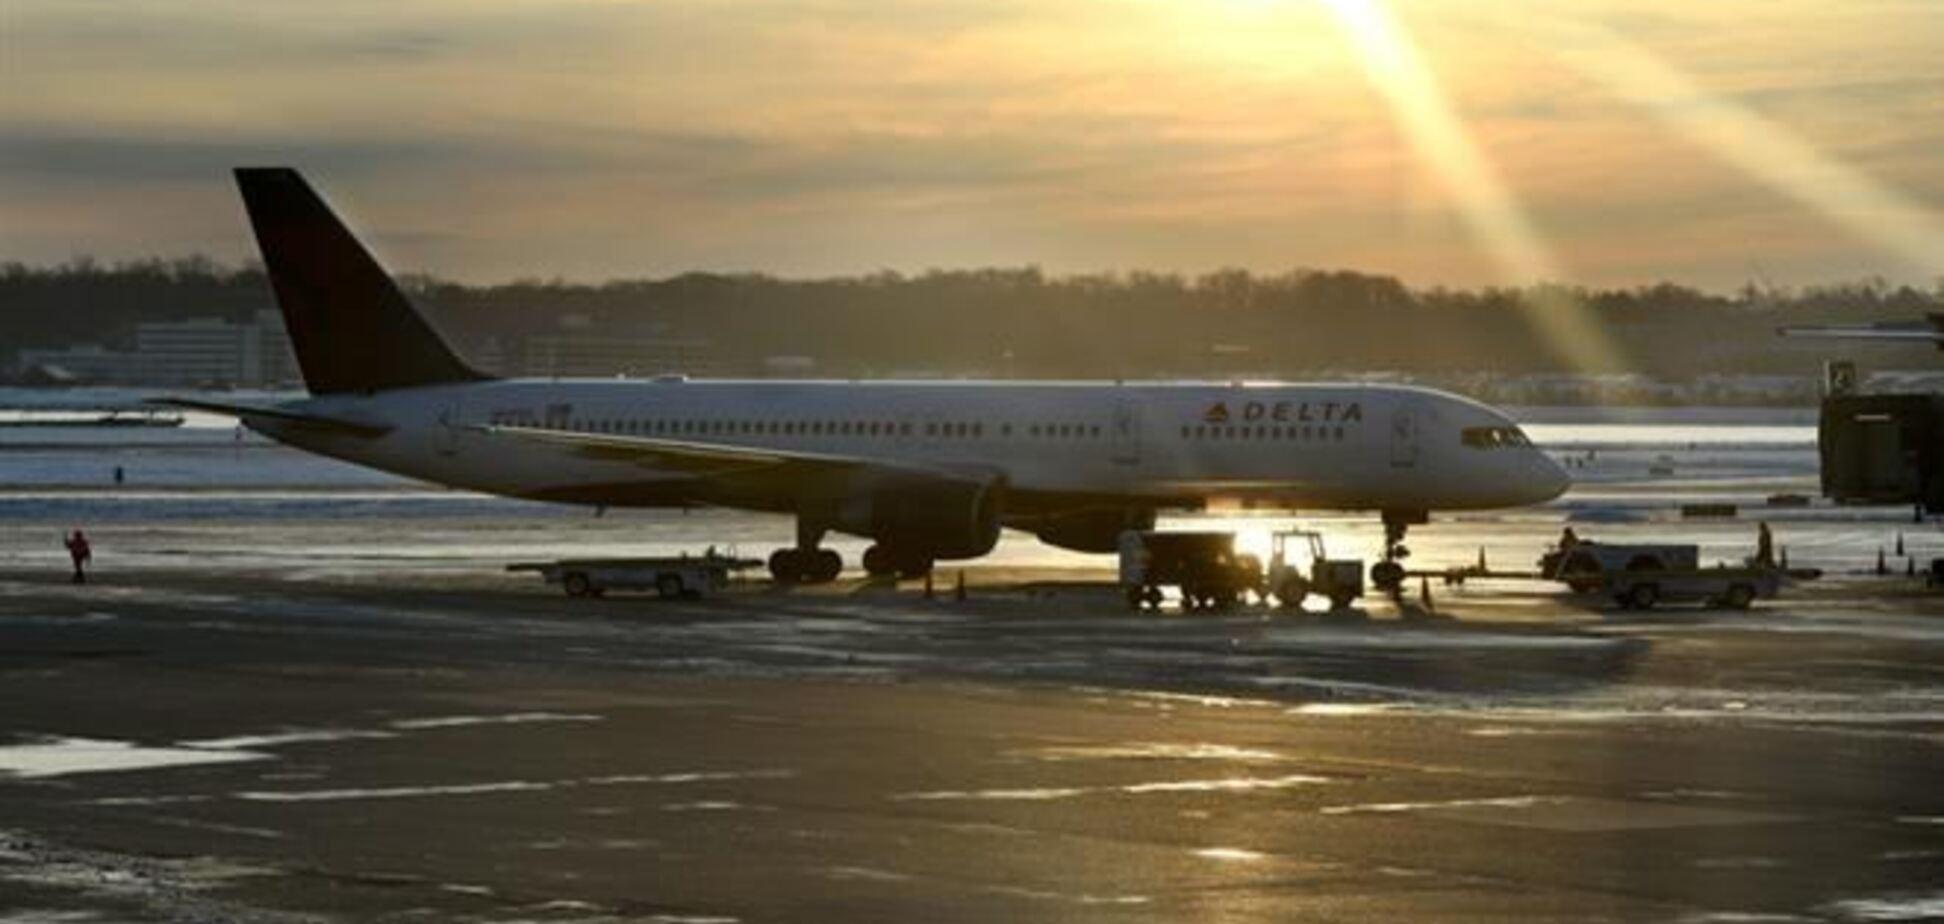 Стюардеса російського літака випала за борт авіалайнера